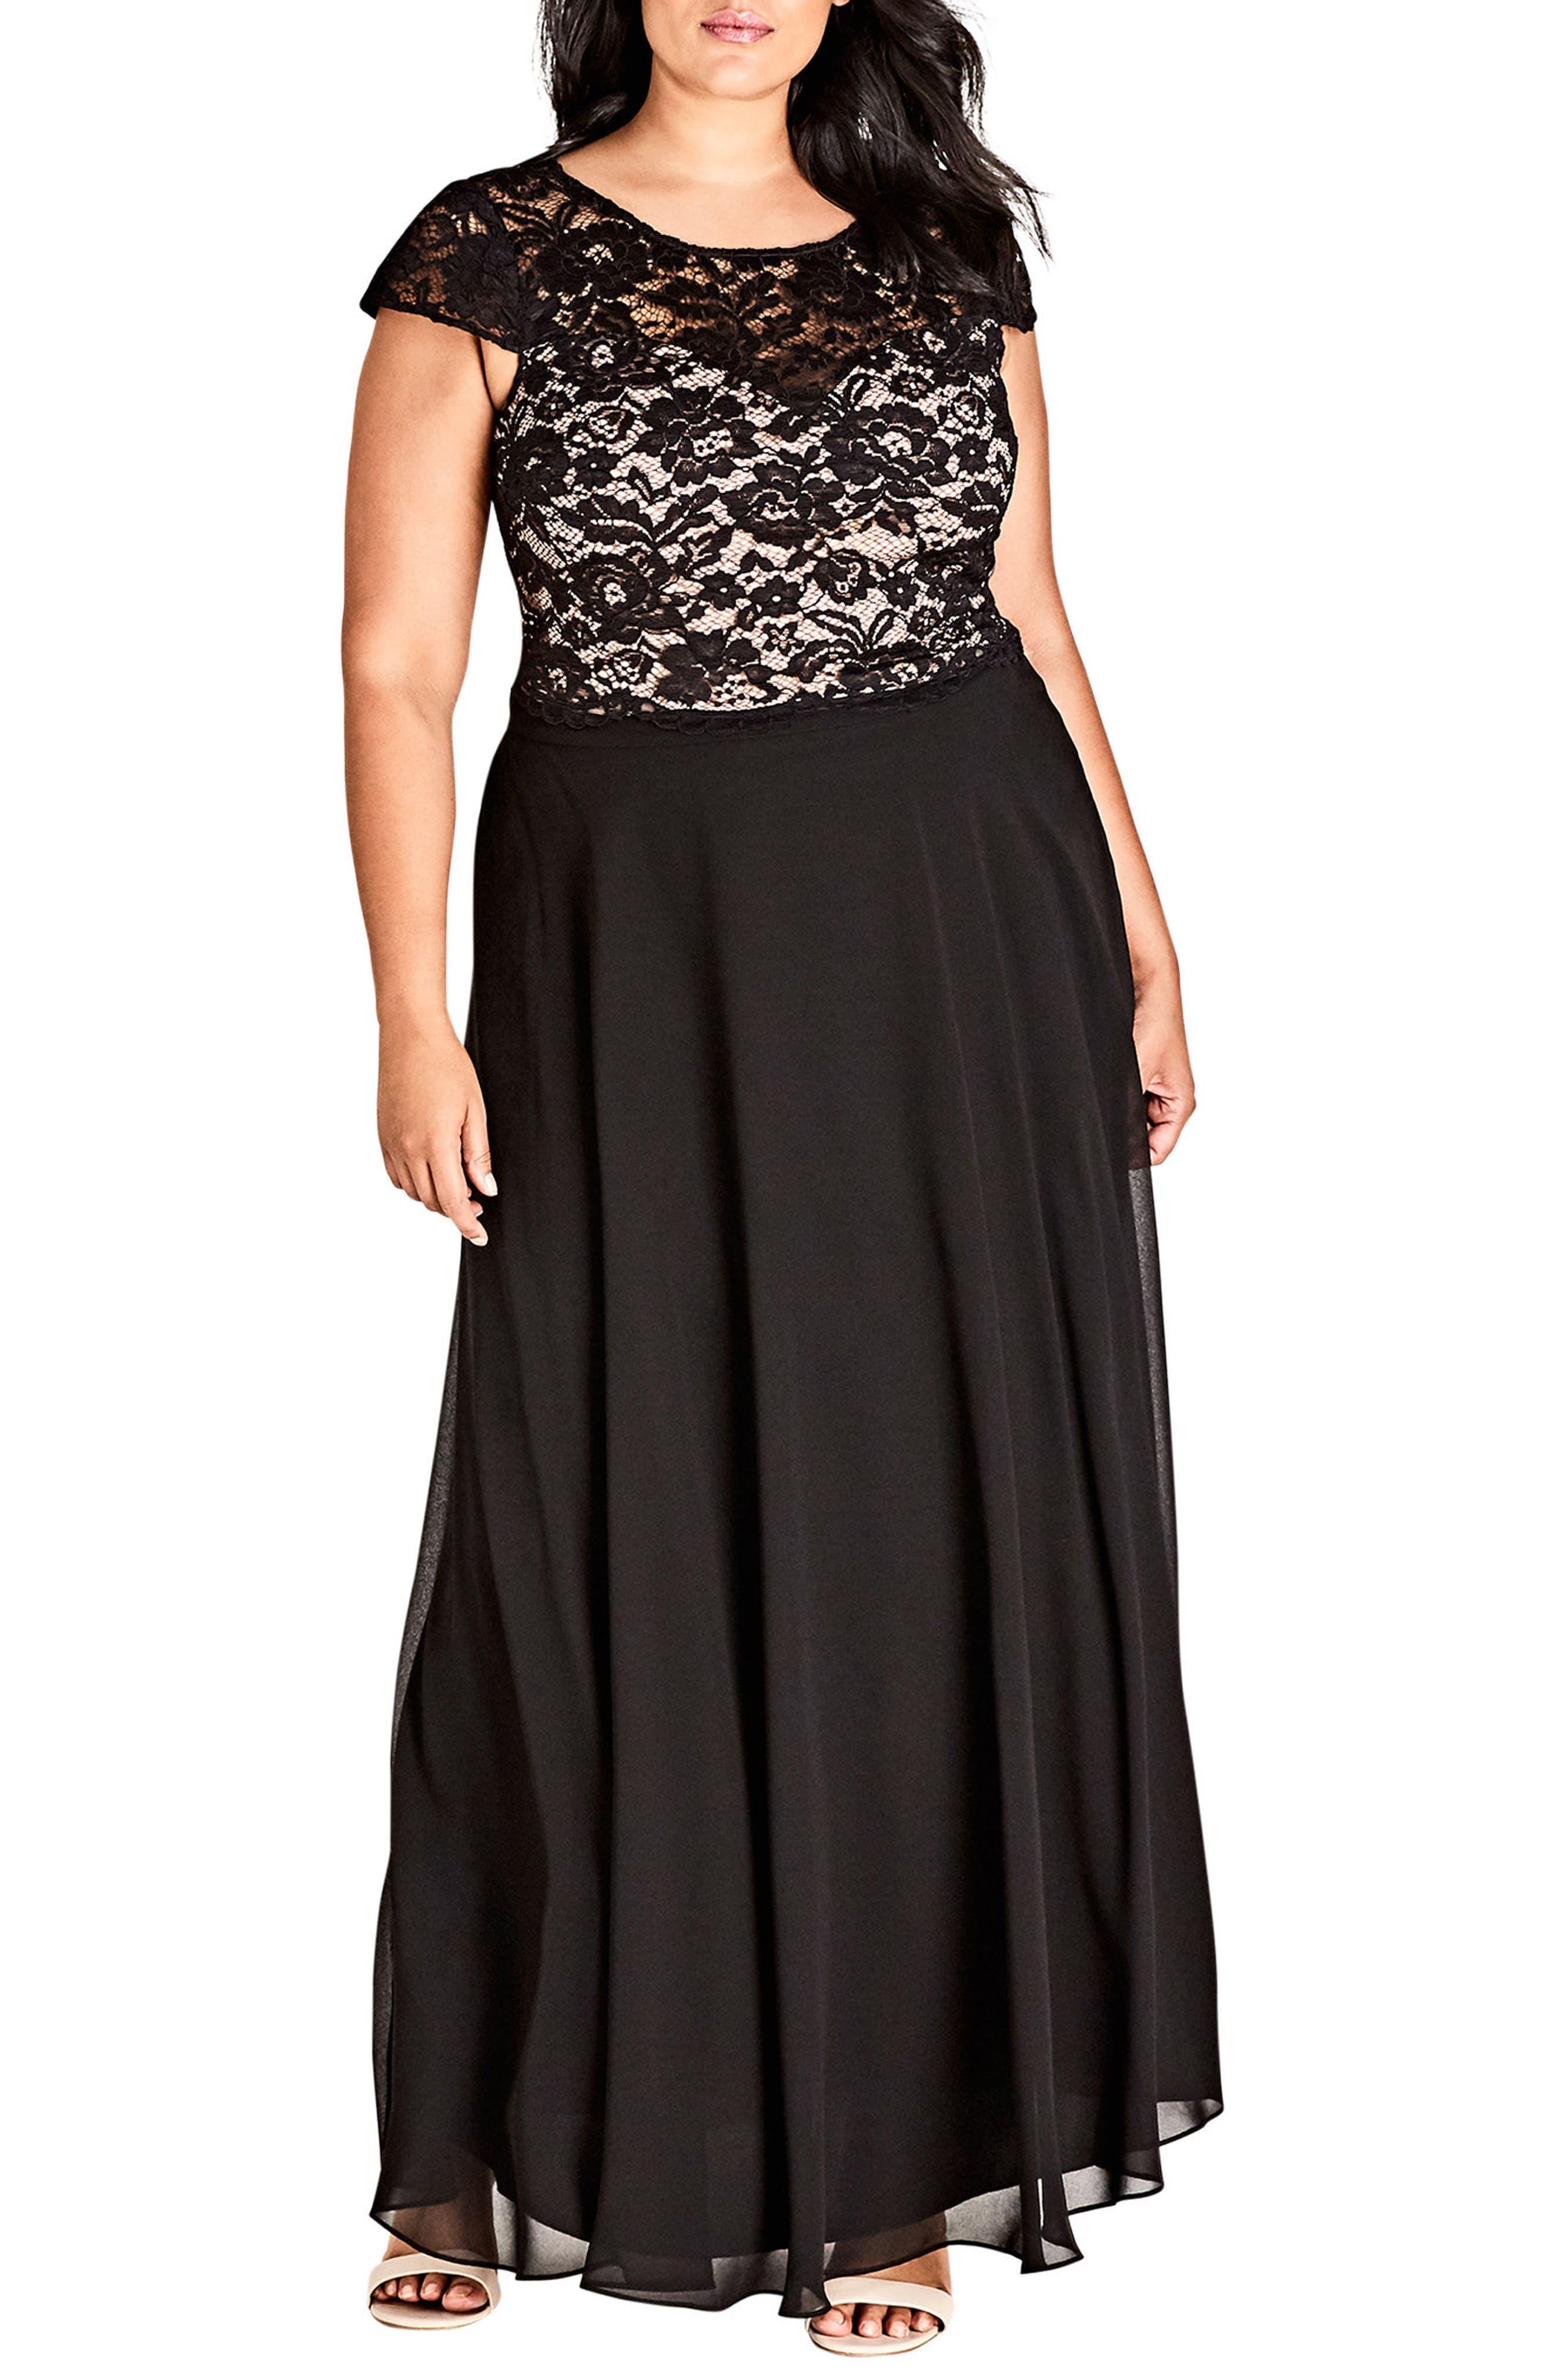 Elegance Maxi Dress Set,                         Main,                         color, Black